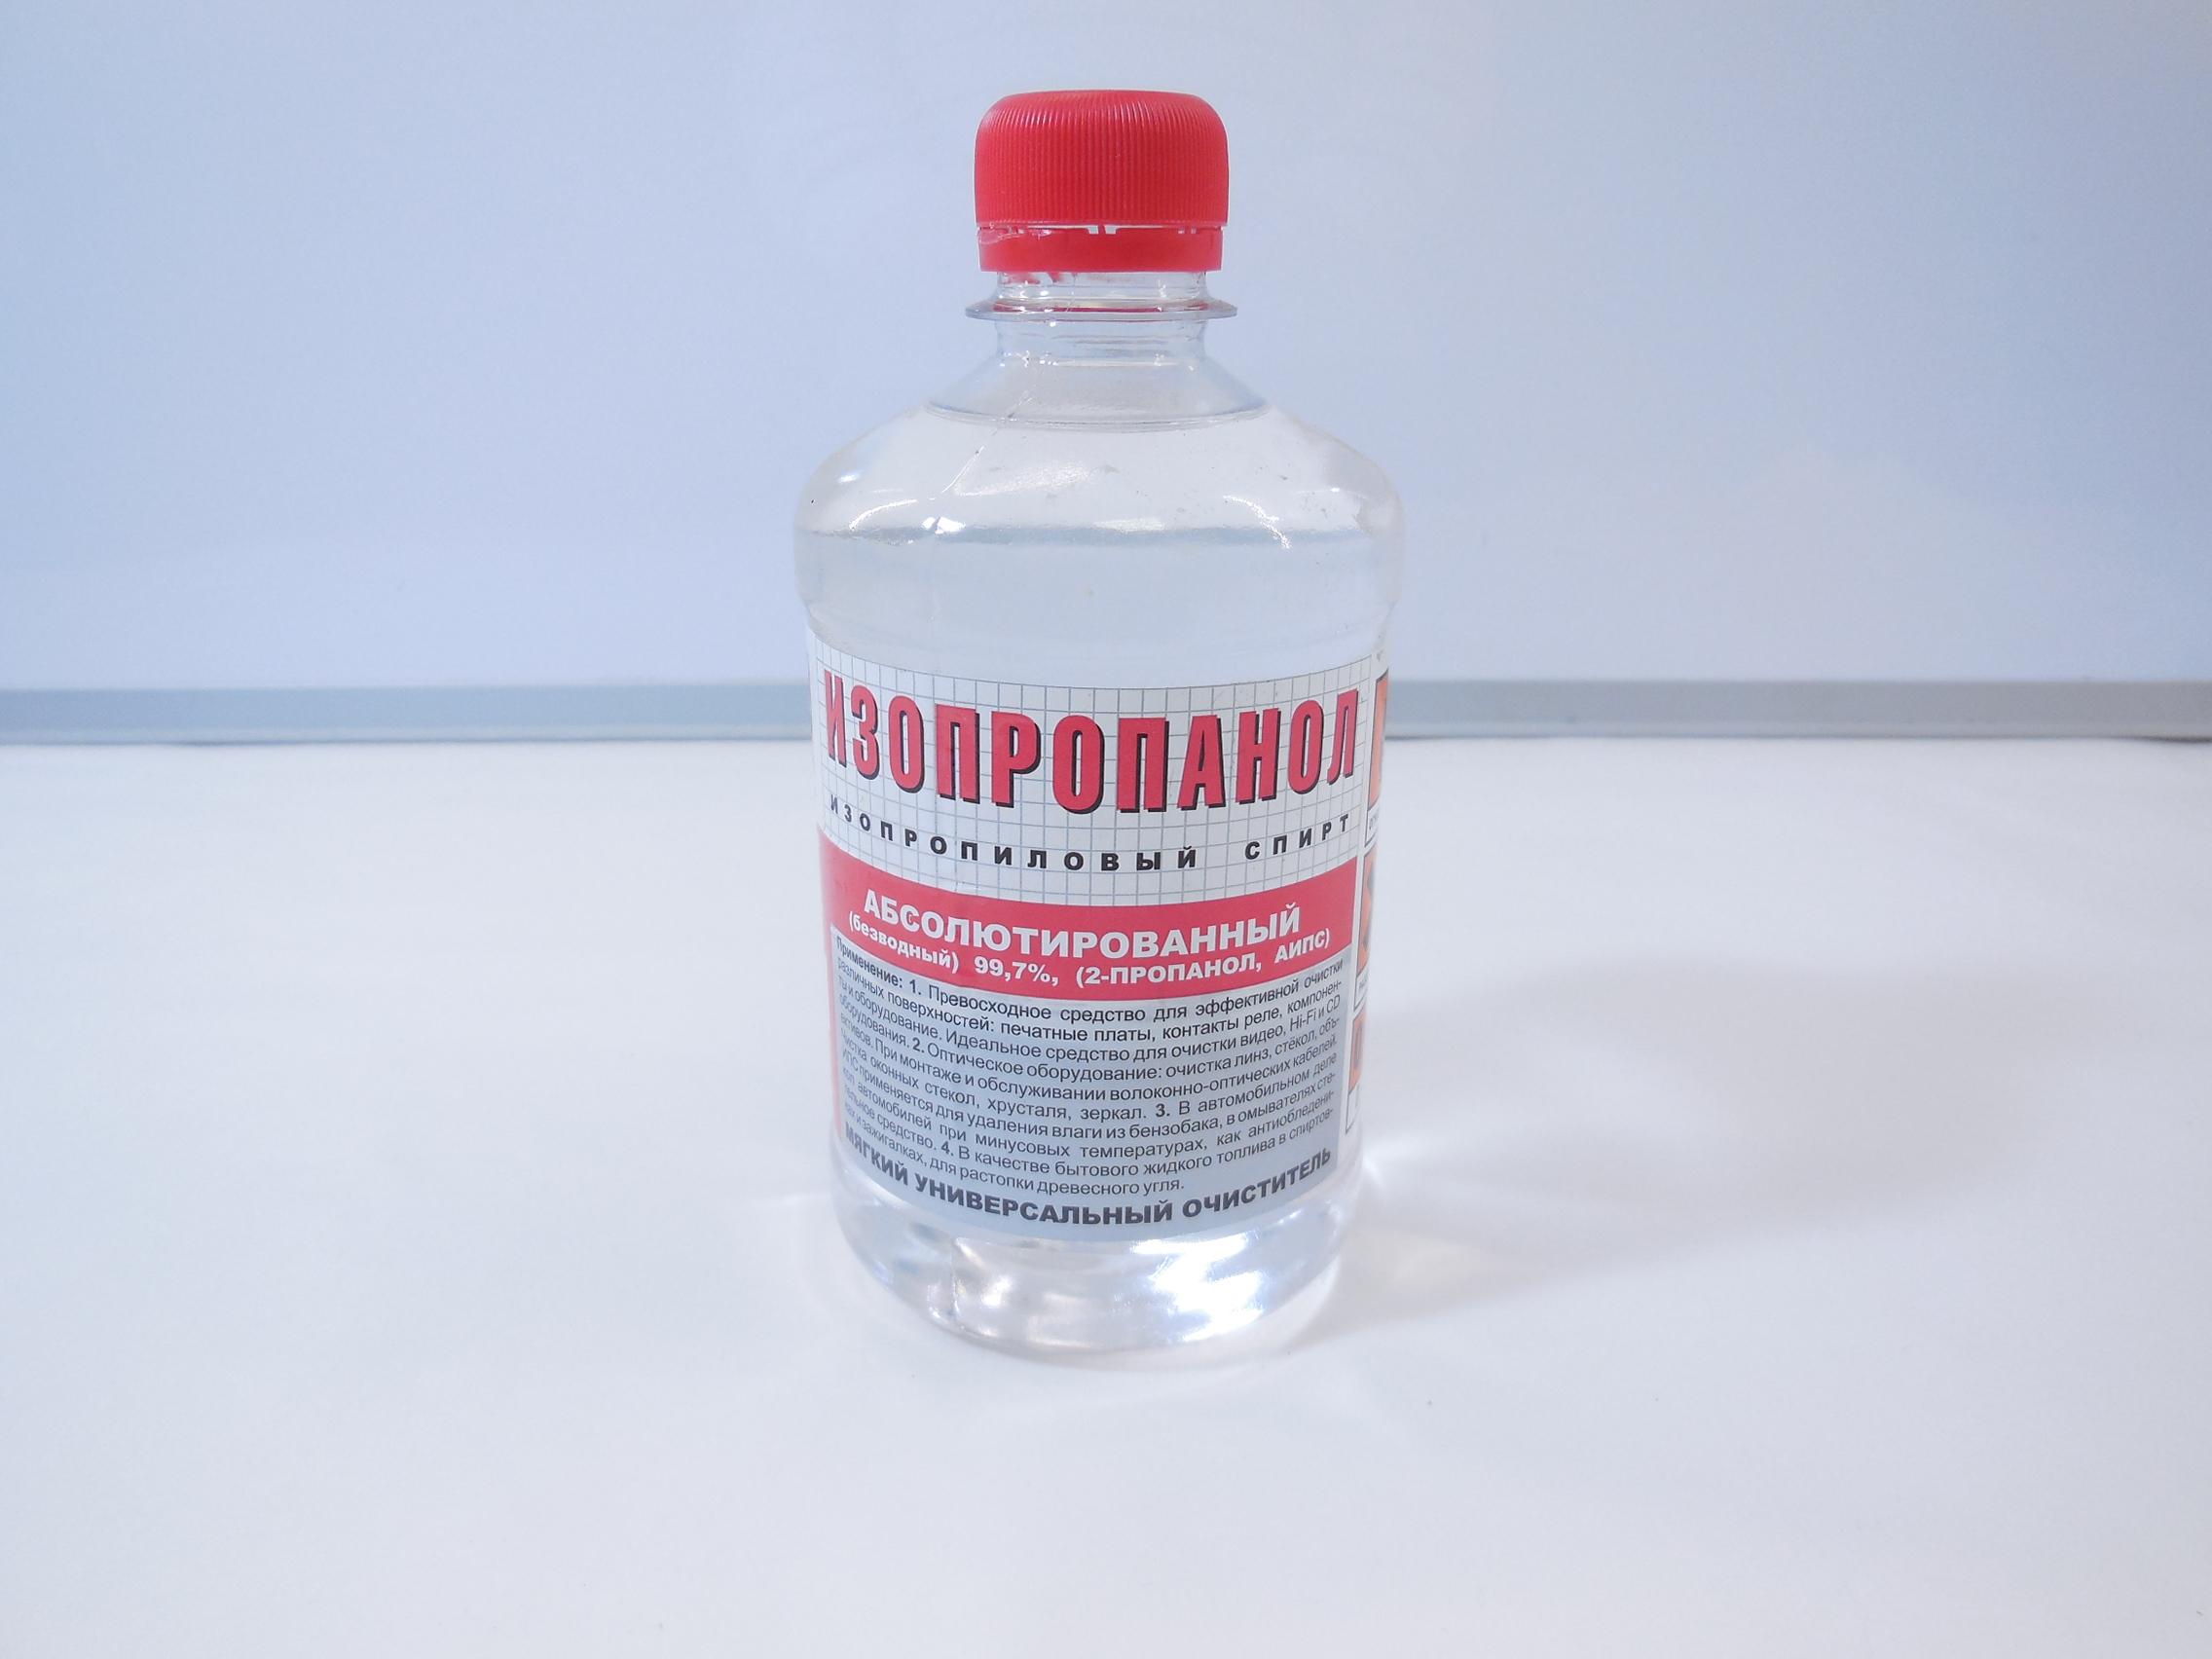 Изопропанол: что это такое, отравление изопропанолом отравление.ру изопропанол: что это такое, отравление изопропанолом